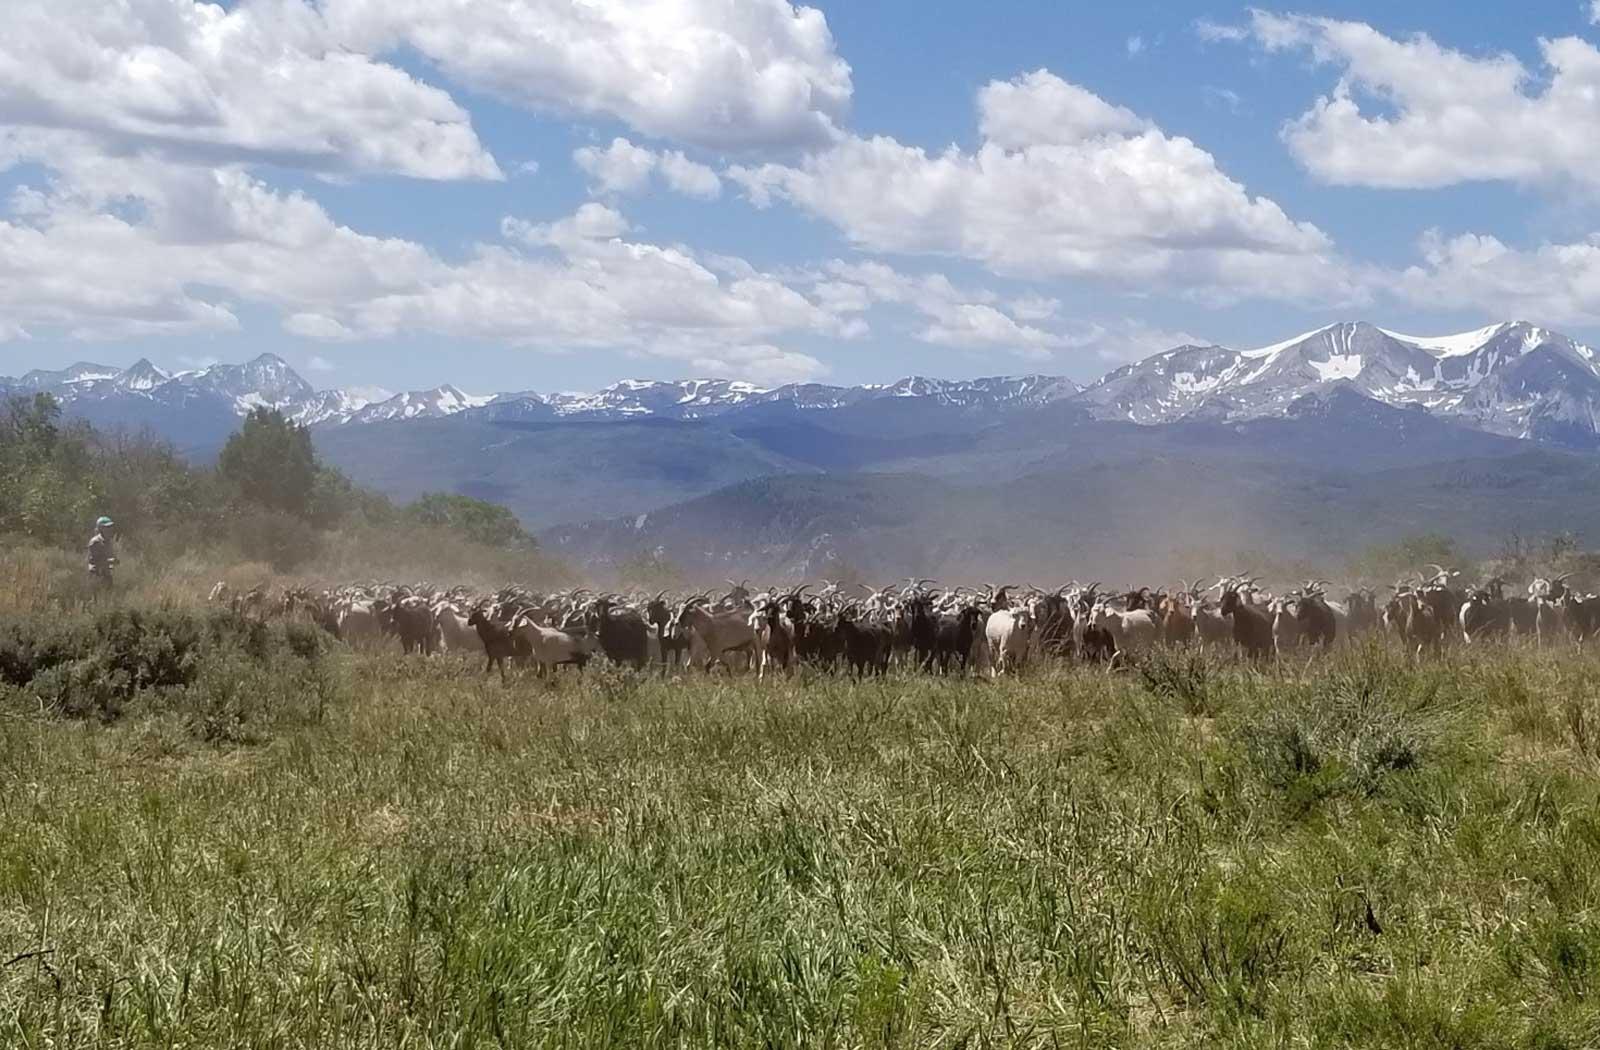 Goatapelli Foundation